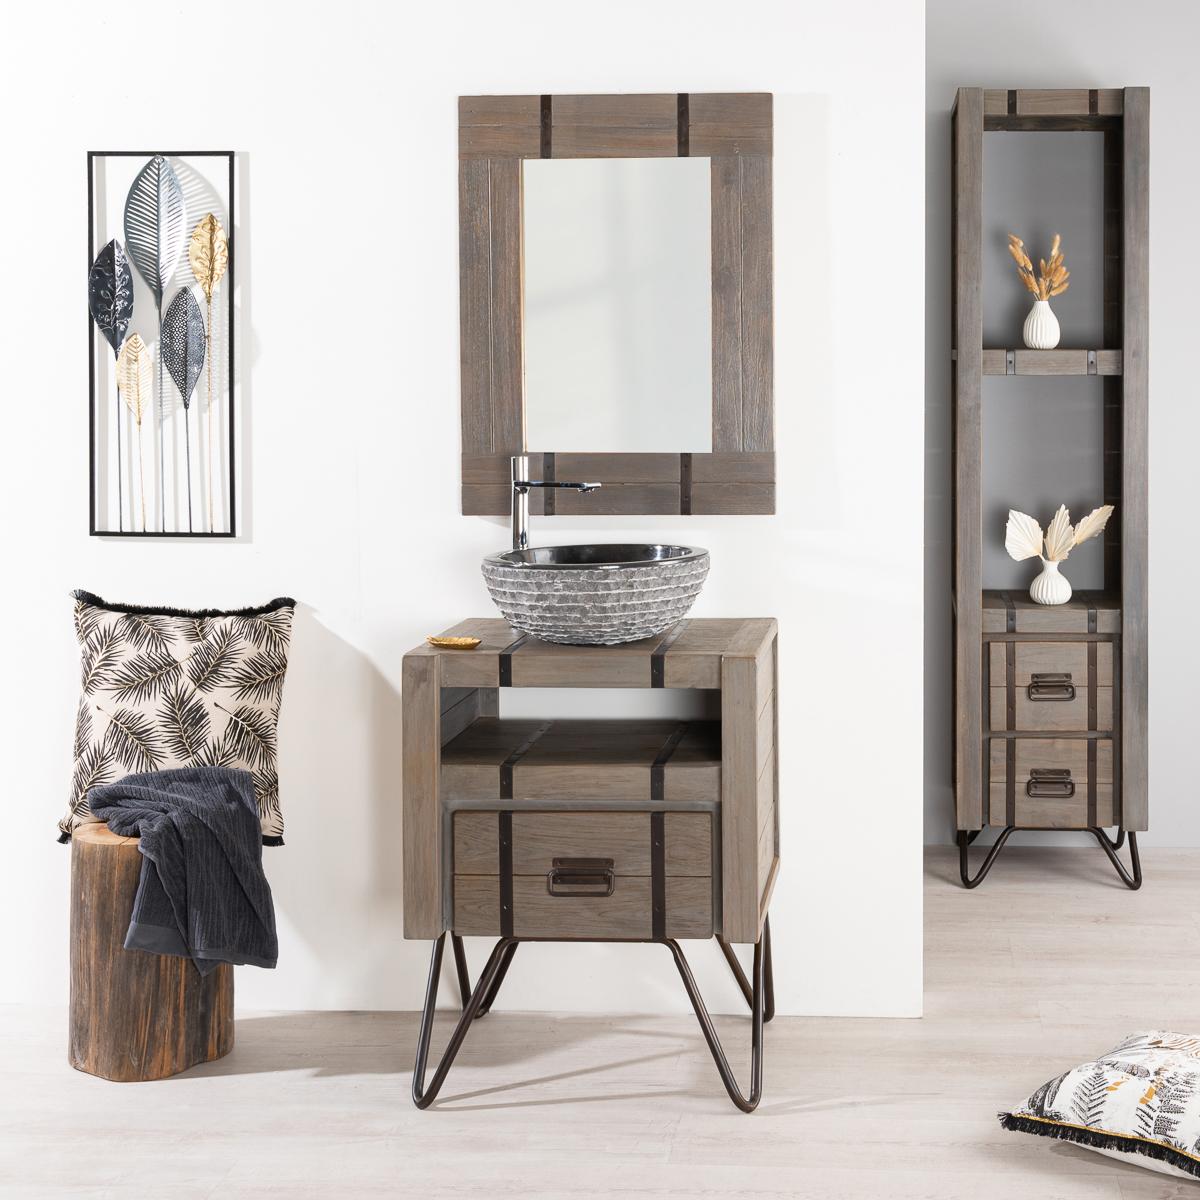 miroir de salle de bain loft 60x80 gris. Black Bedroom Furniture Sets. Home Design Ideas